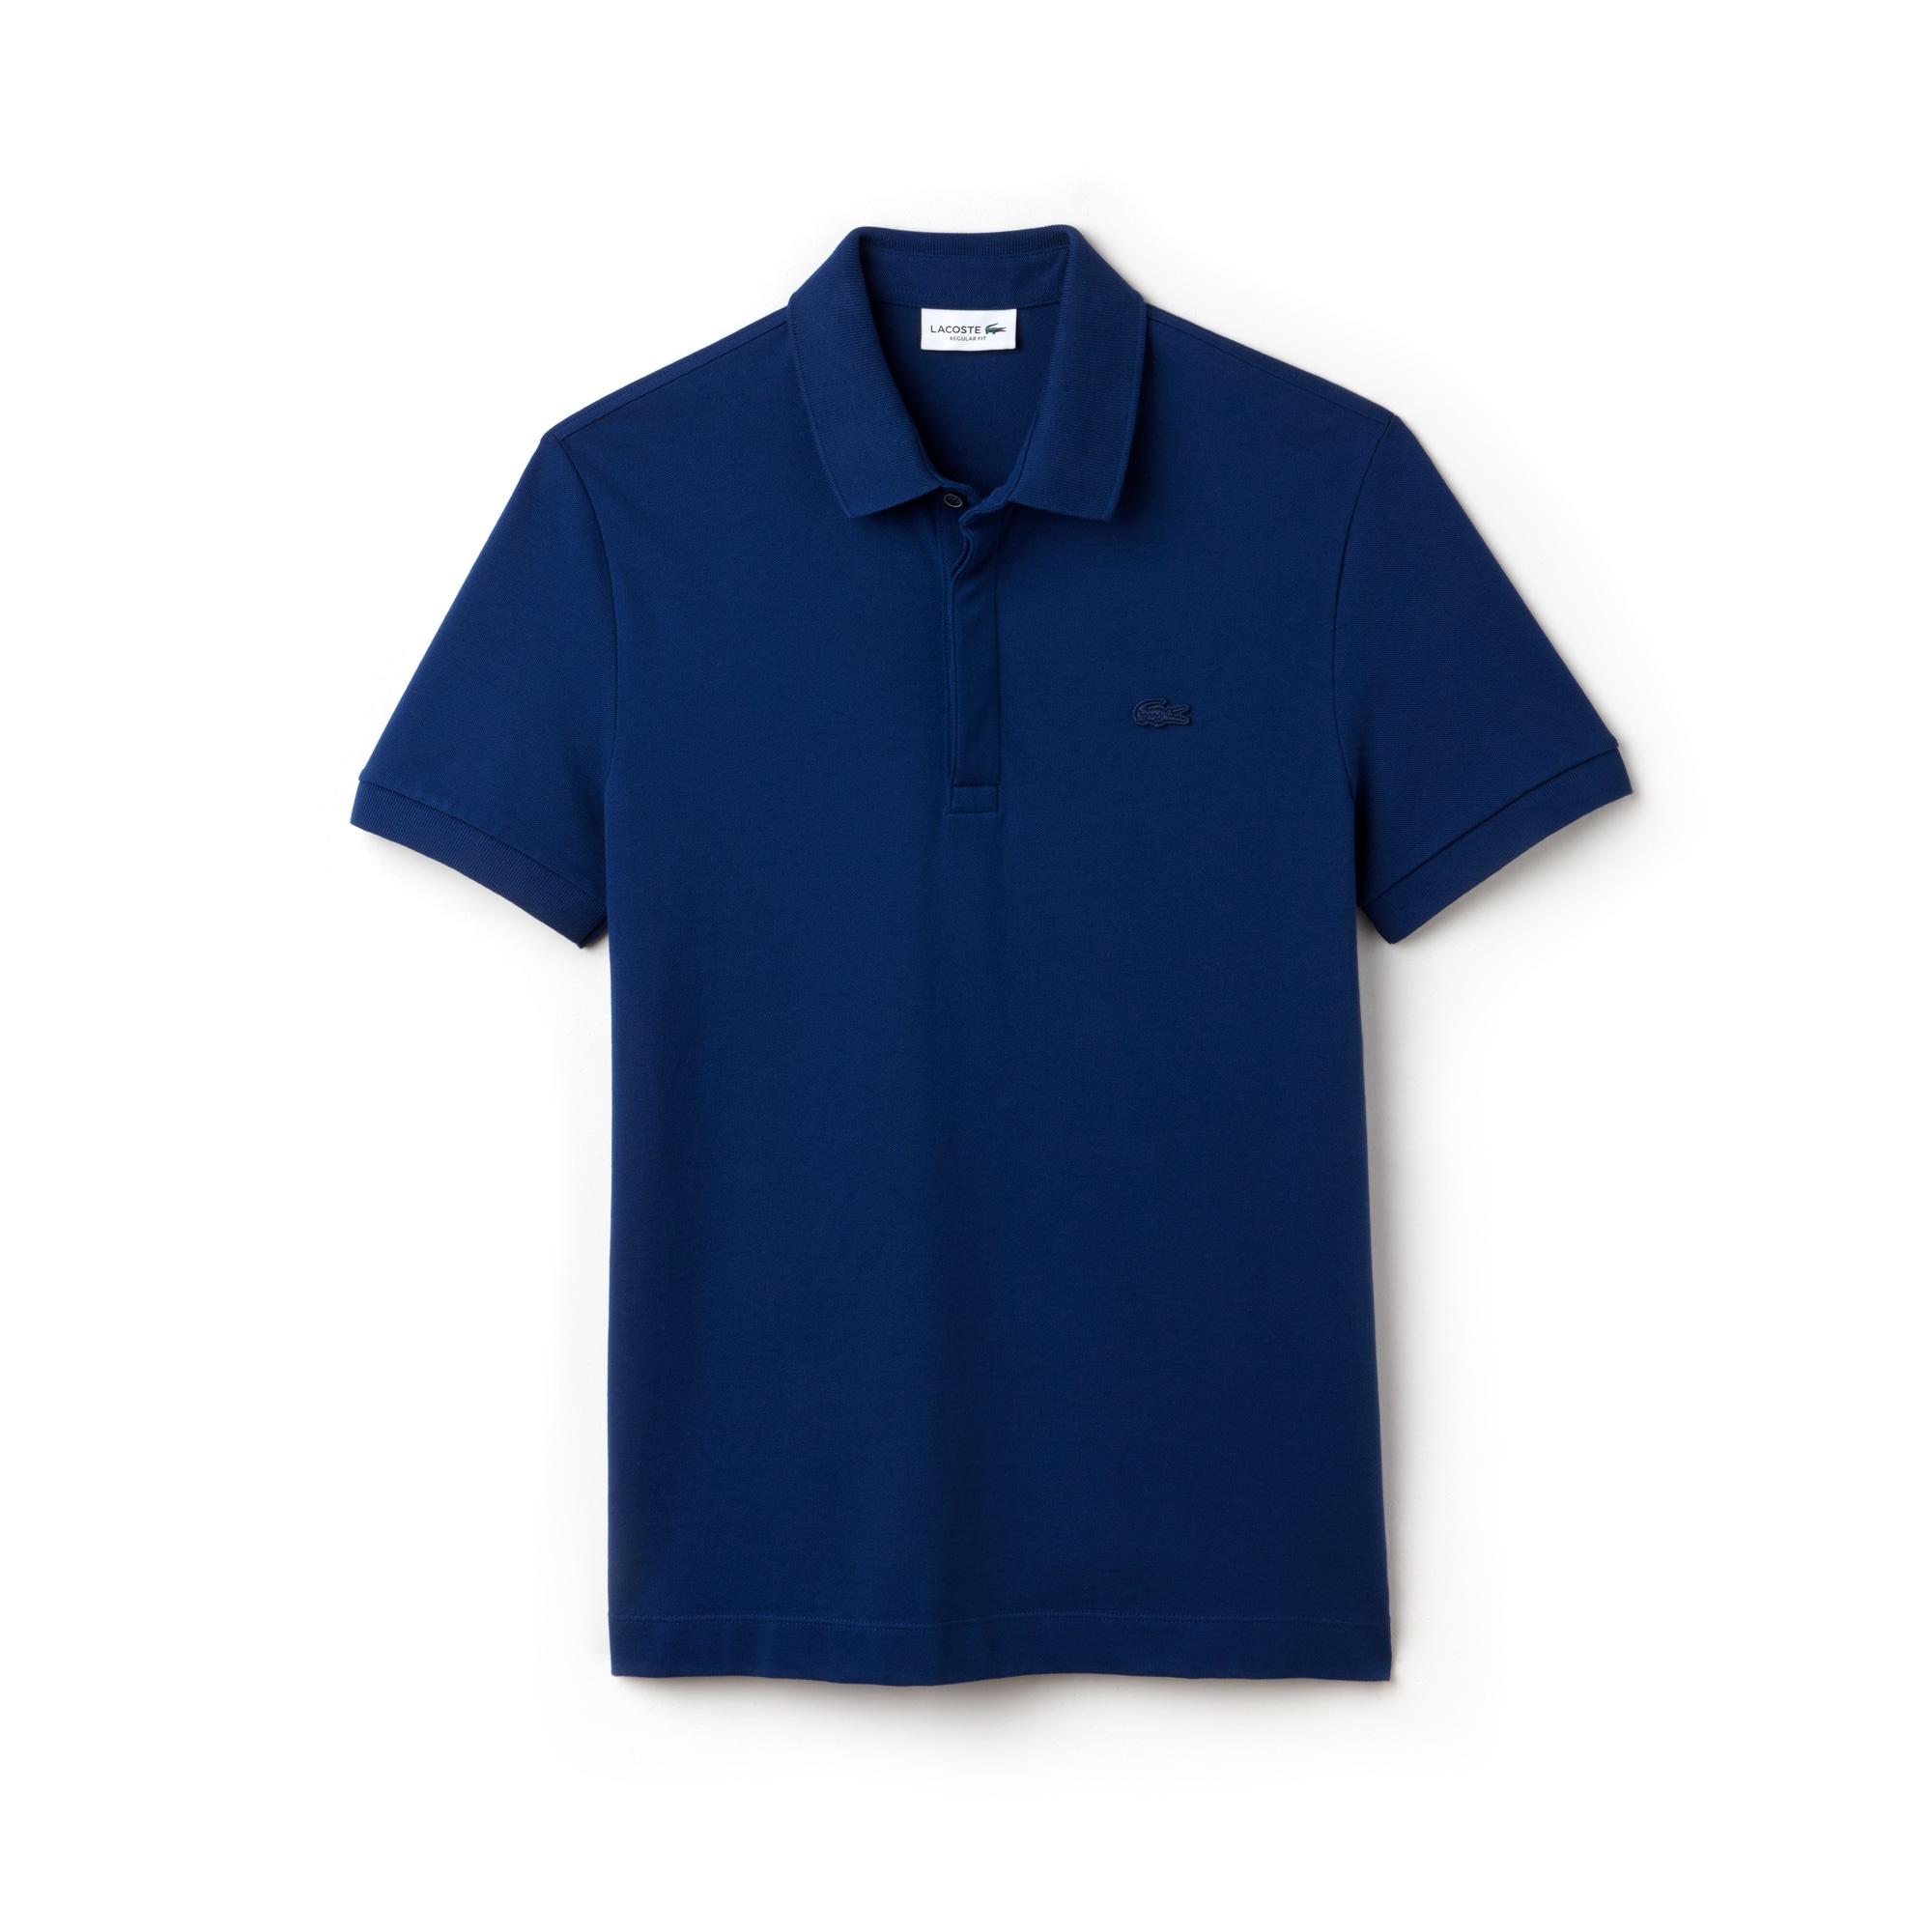 Paris Polo regular fit Lacoste em piqué de algodão stretch